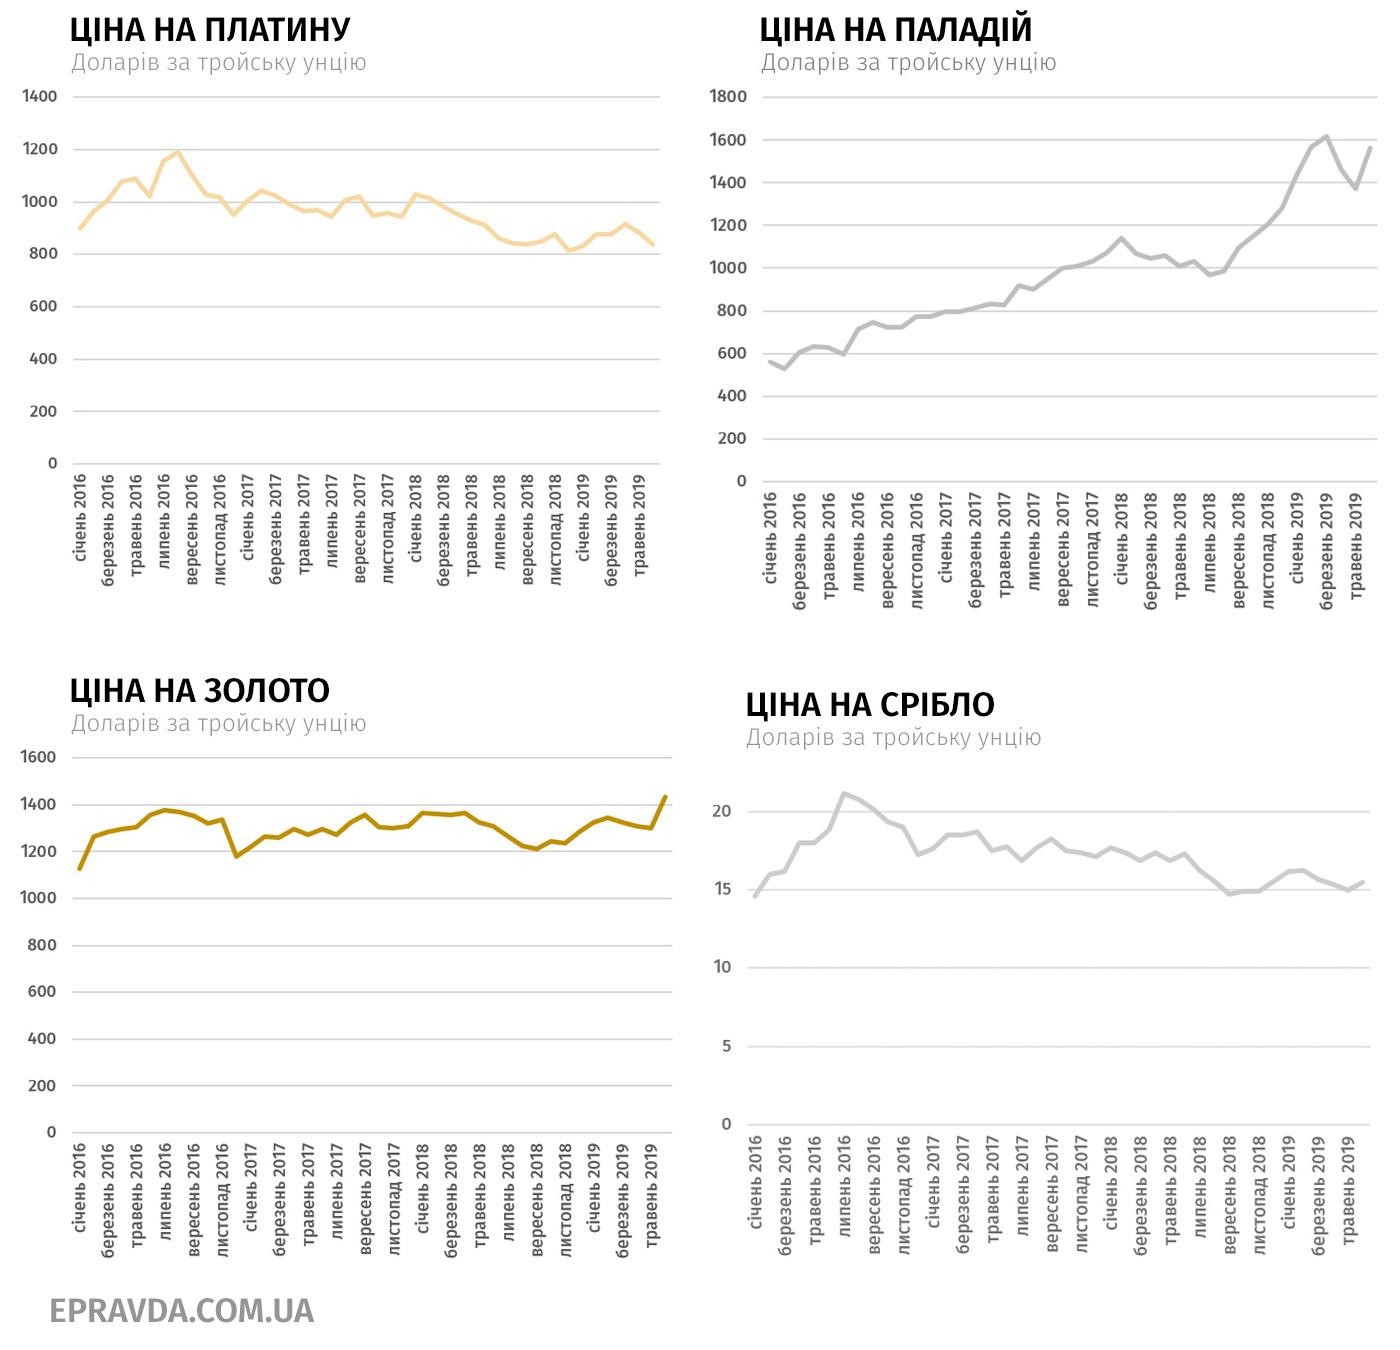 Як заробити гроші підлітку 12-14 років в Україні? | Maanimo